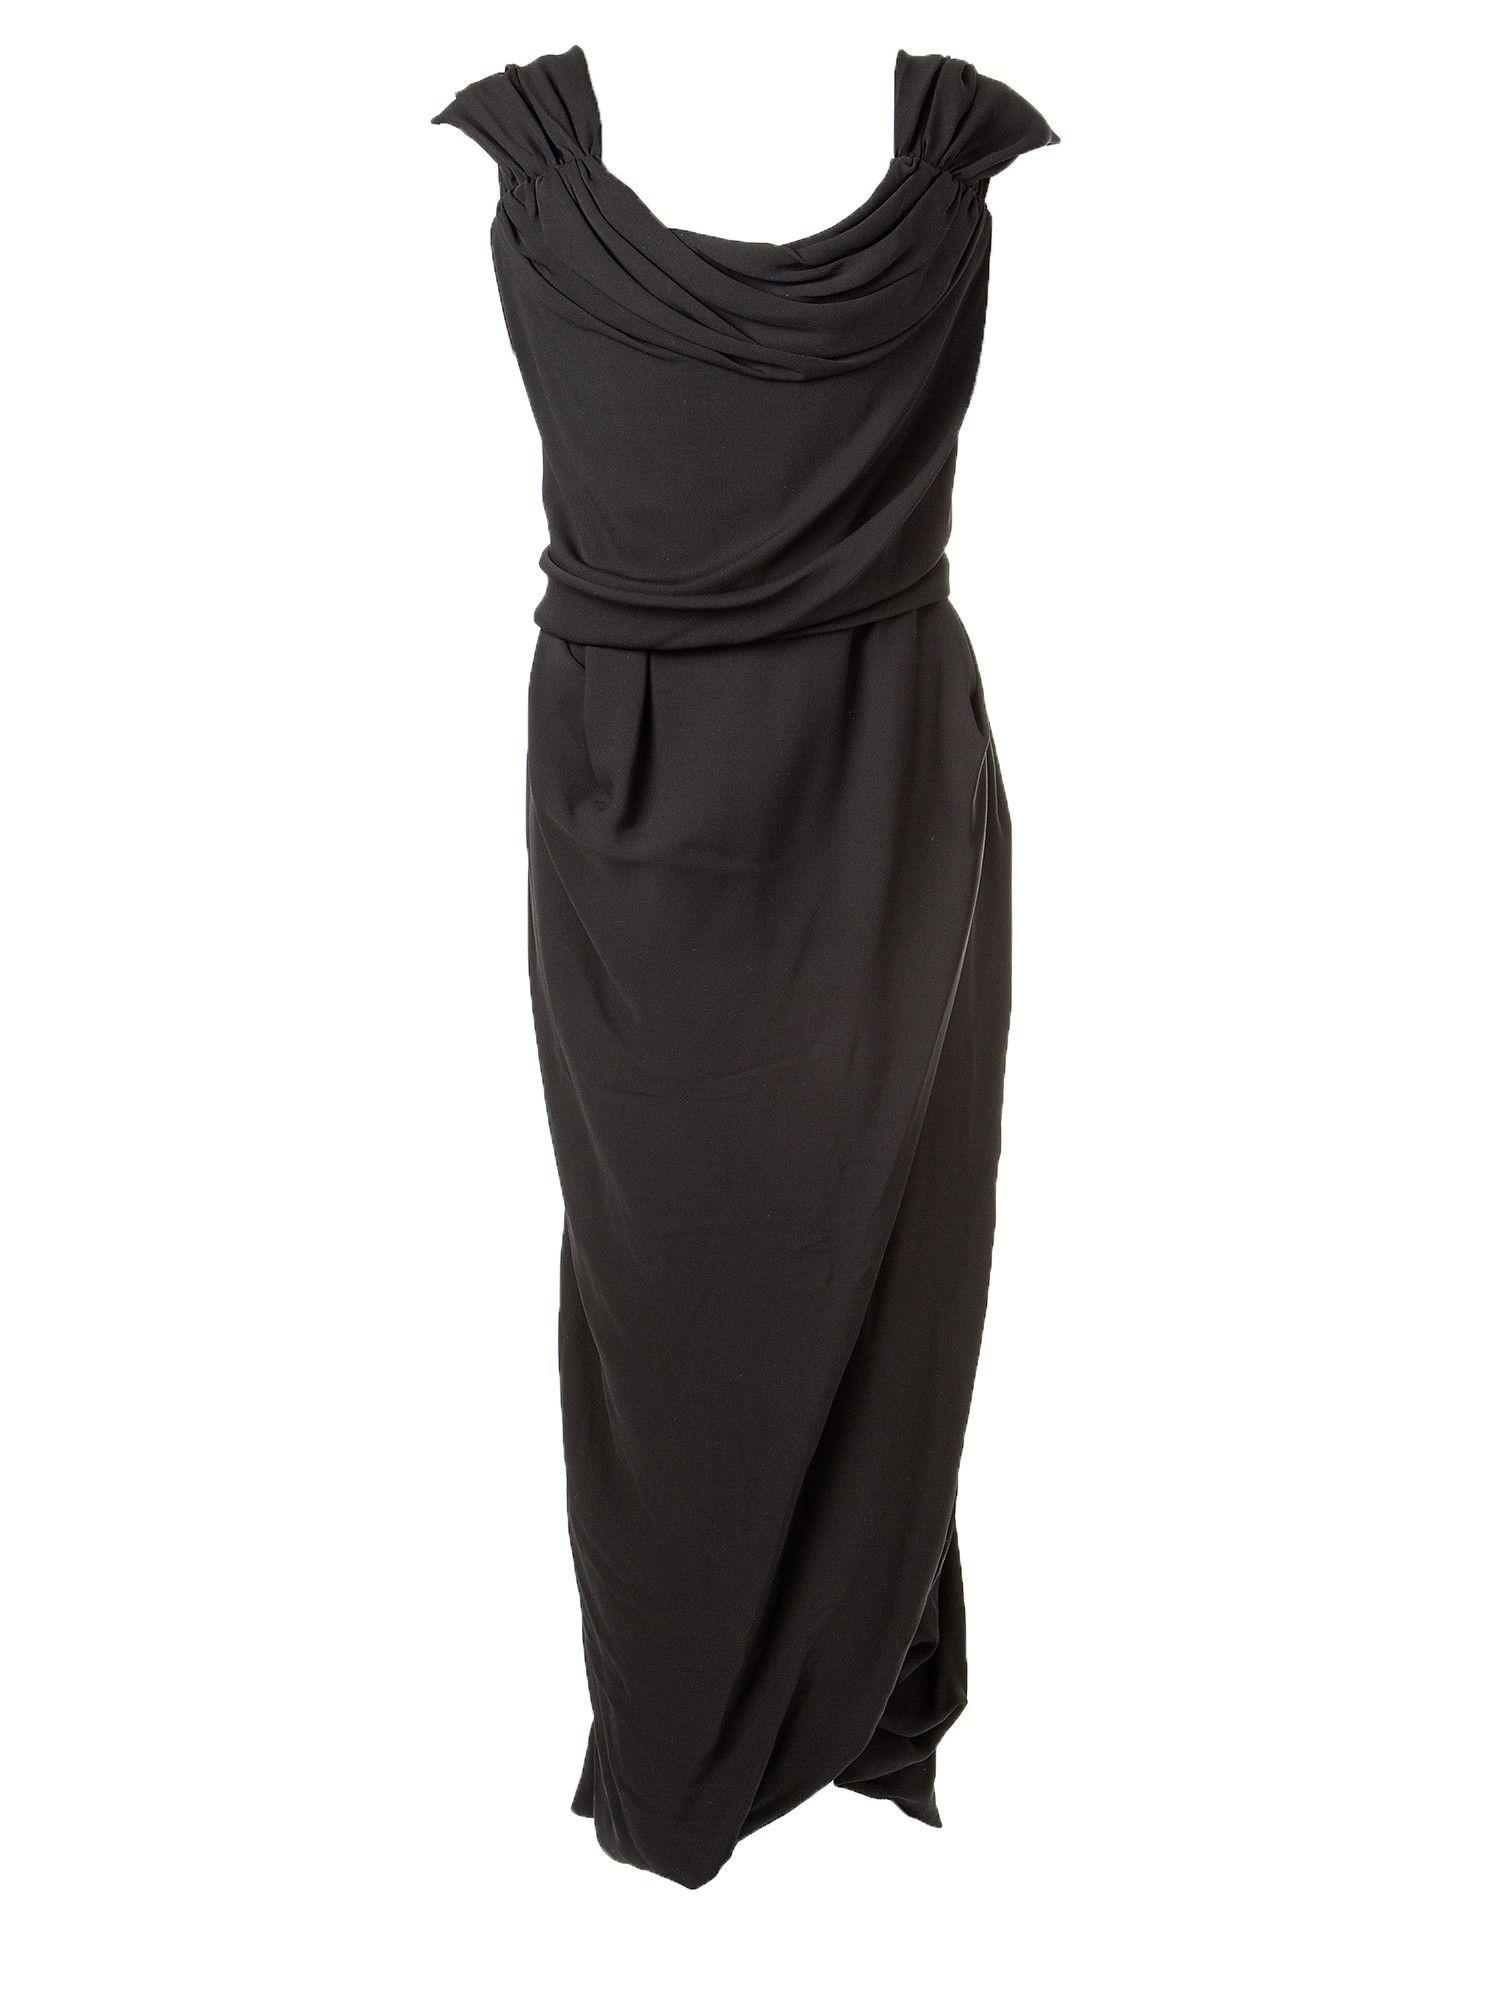 VIVIENNE WESTWOOD Abendkleid  Abendkleid, Vivienne westwood, Kleider